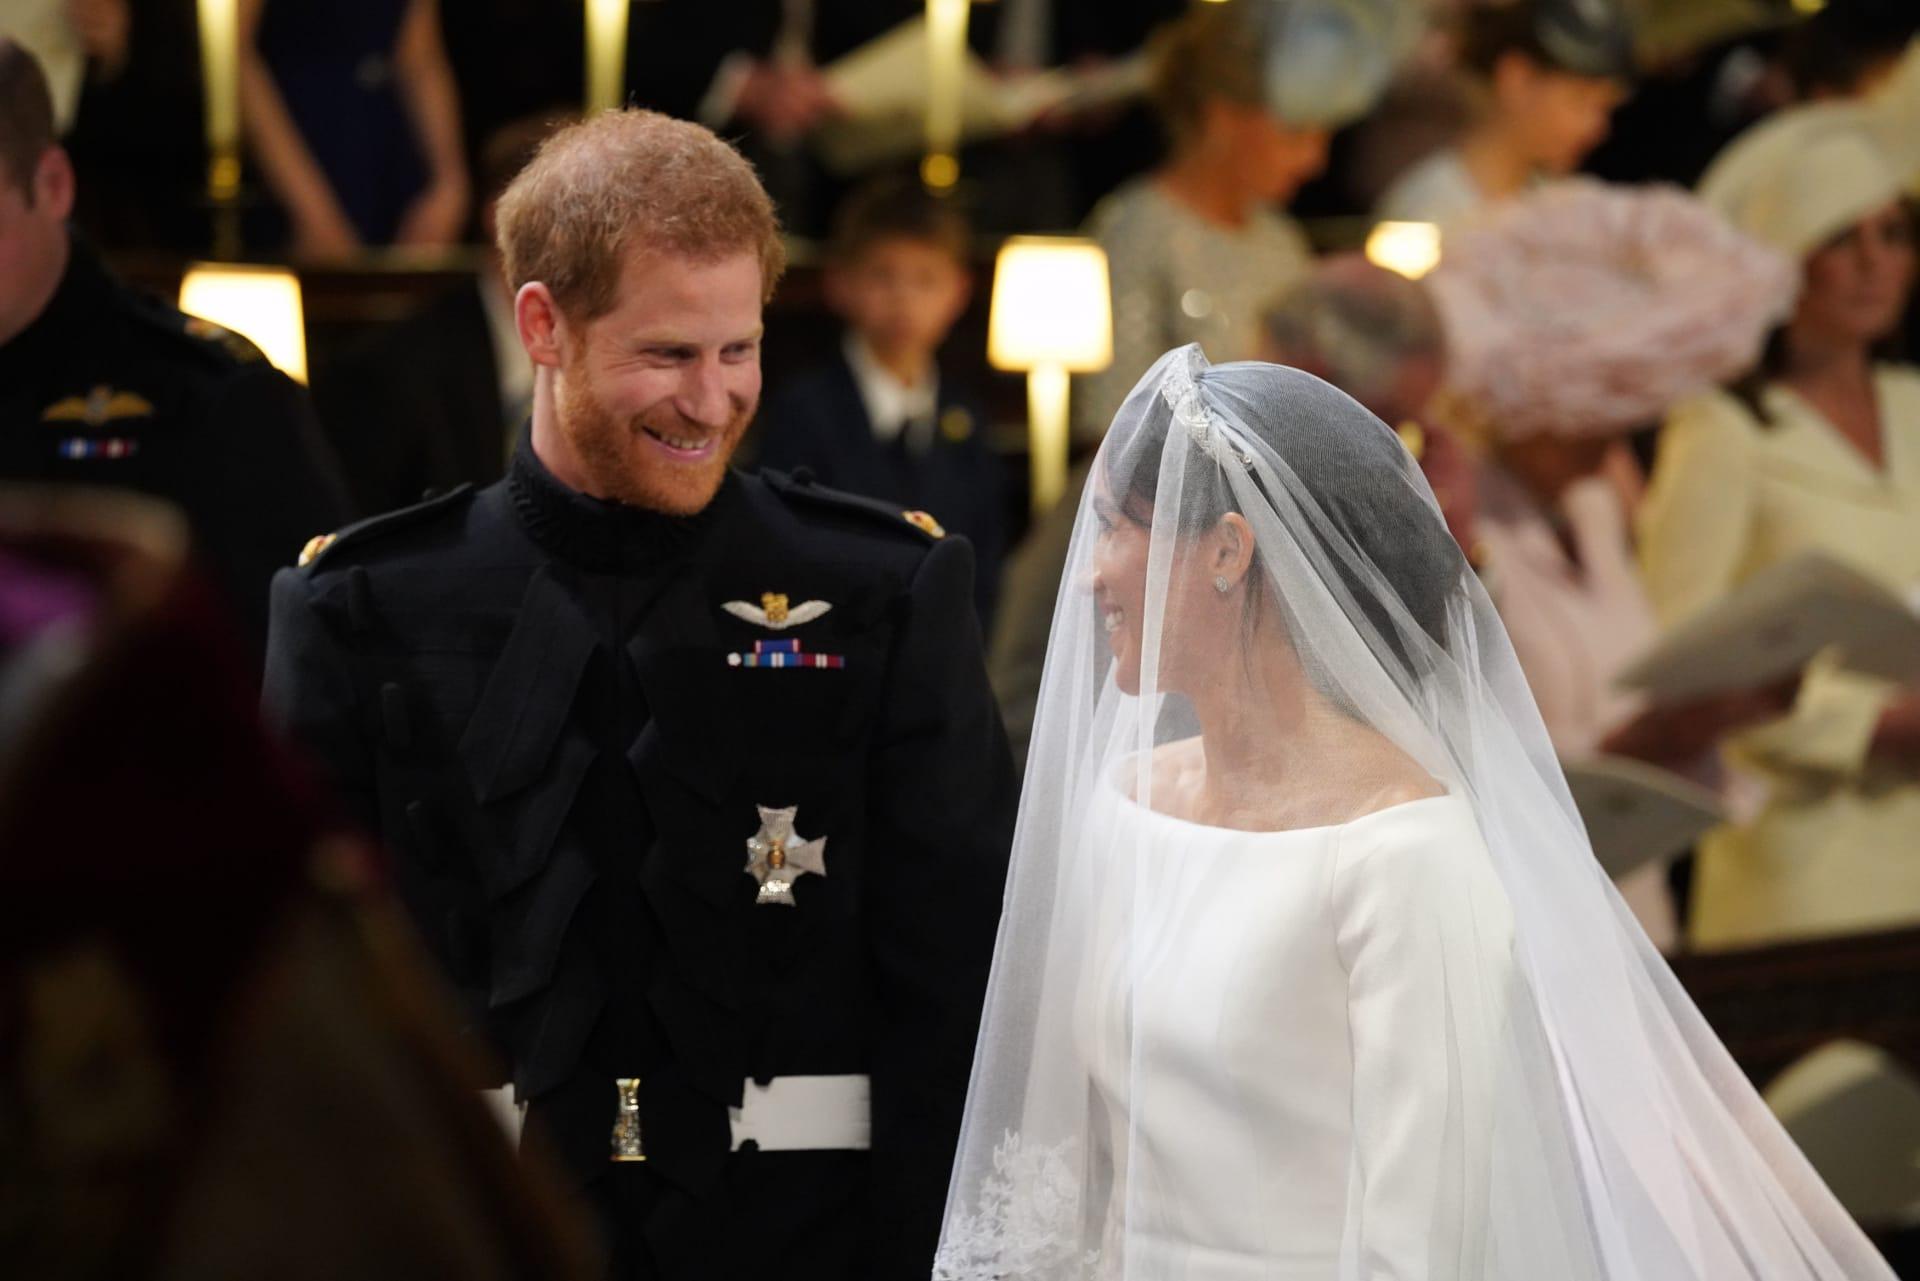 لماذا تتفاءل جماهير ليفربول بالزفاف الملكي البريطاني قبل نهائي الأبطال؟